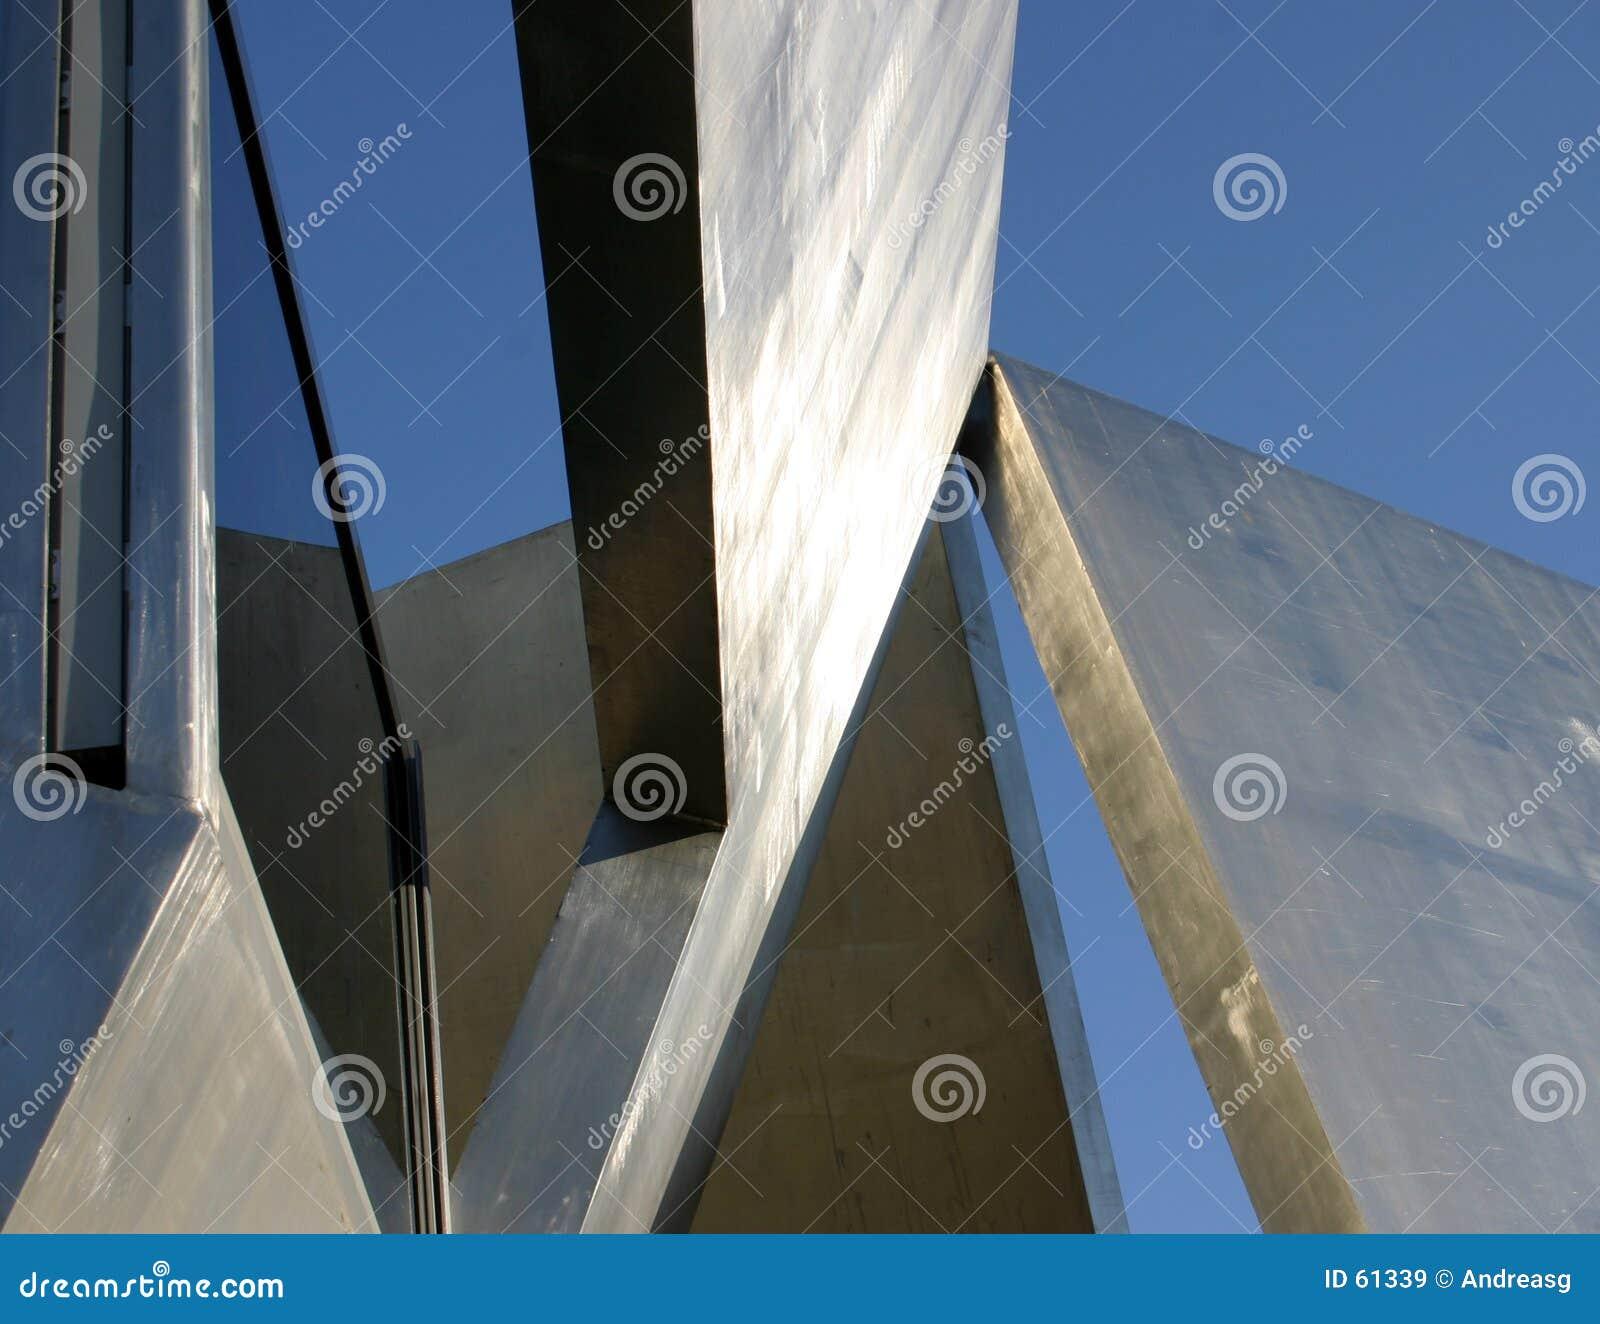 Download Forme solide image stock. Image du contraste, solide, inoxidable - 61339